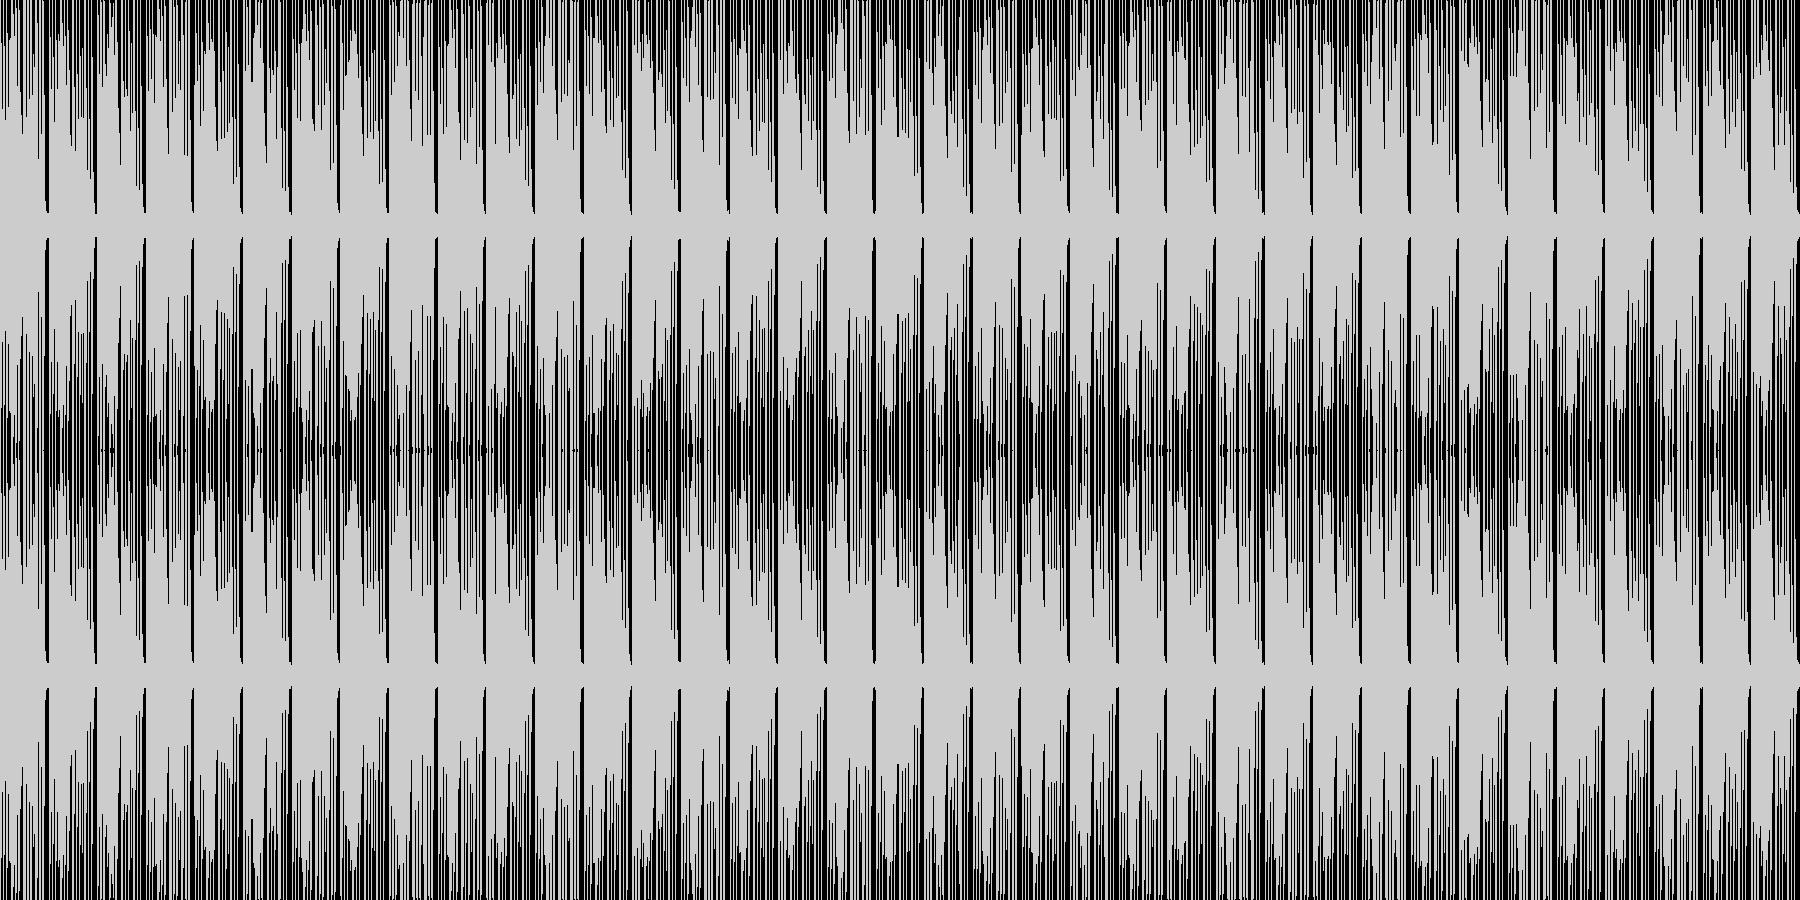 奇妙なビート3(いかがわしいremix)の未再生の波形